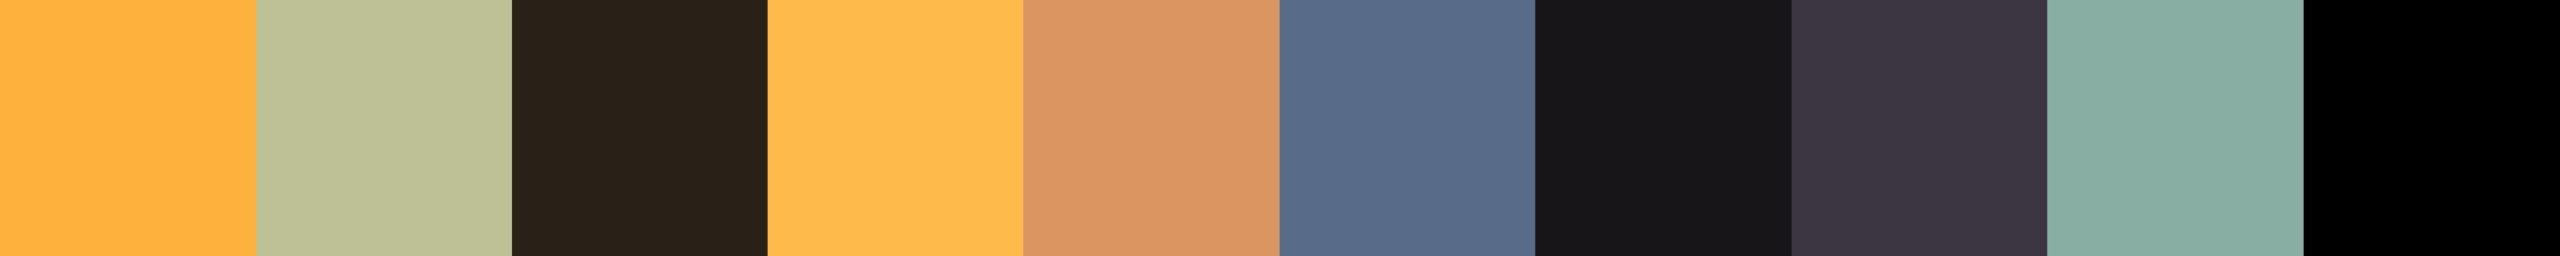 135 Tetrivia Color Palette